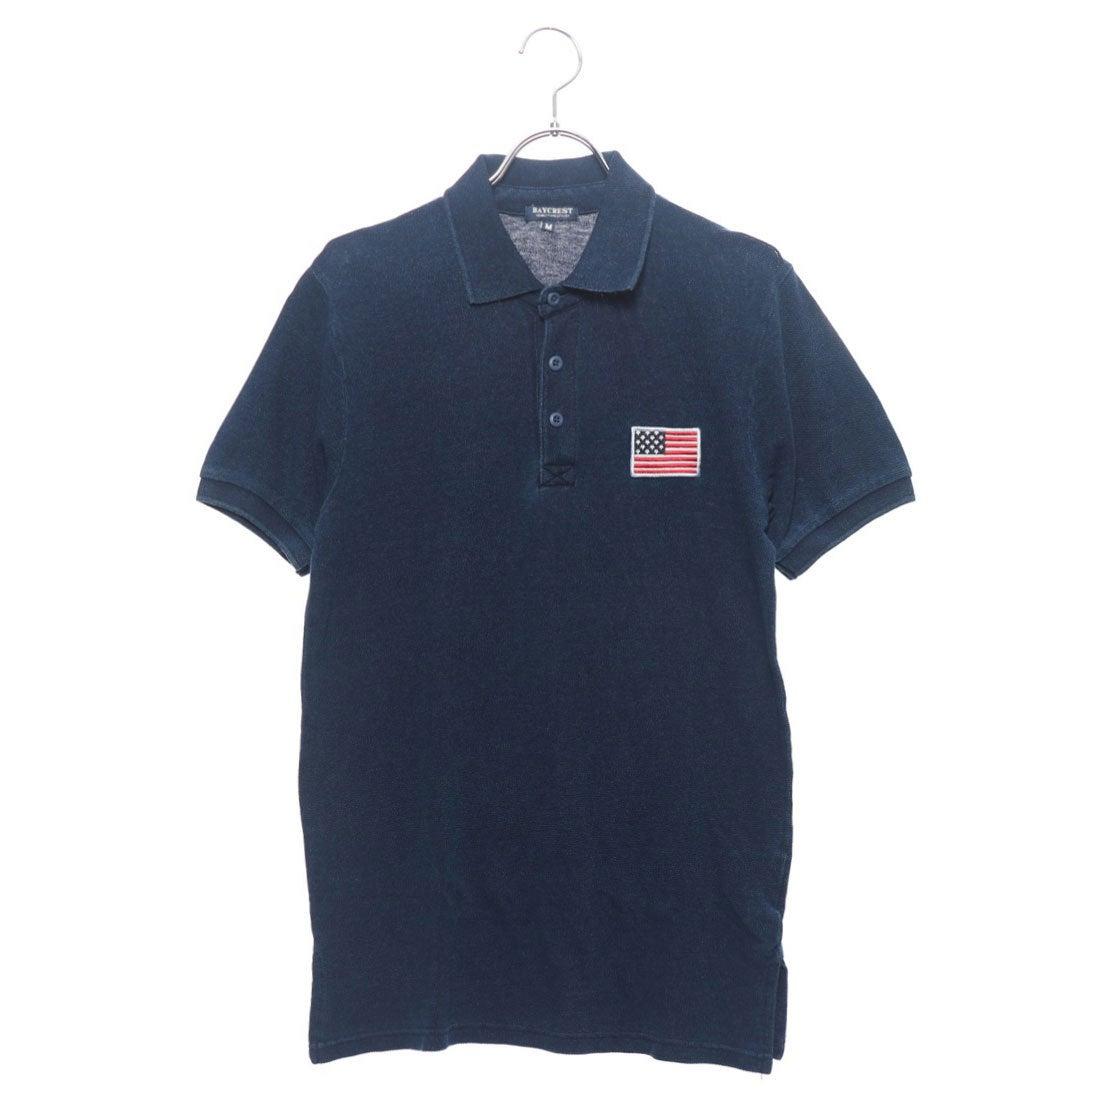 ロコンド 靴とファッションの通販サイトスタイルブロック STYLEBLOCK USA星条旗胸刺繍鹿の子半袖ポロシャツ (ブルー)